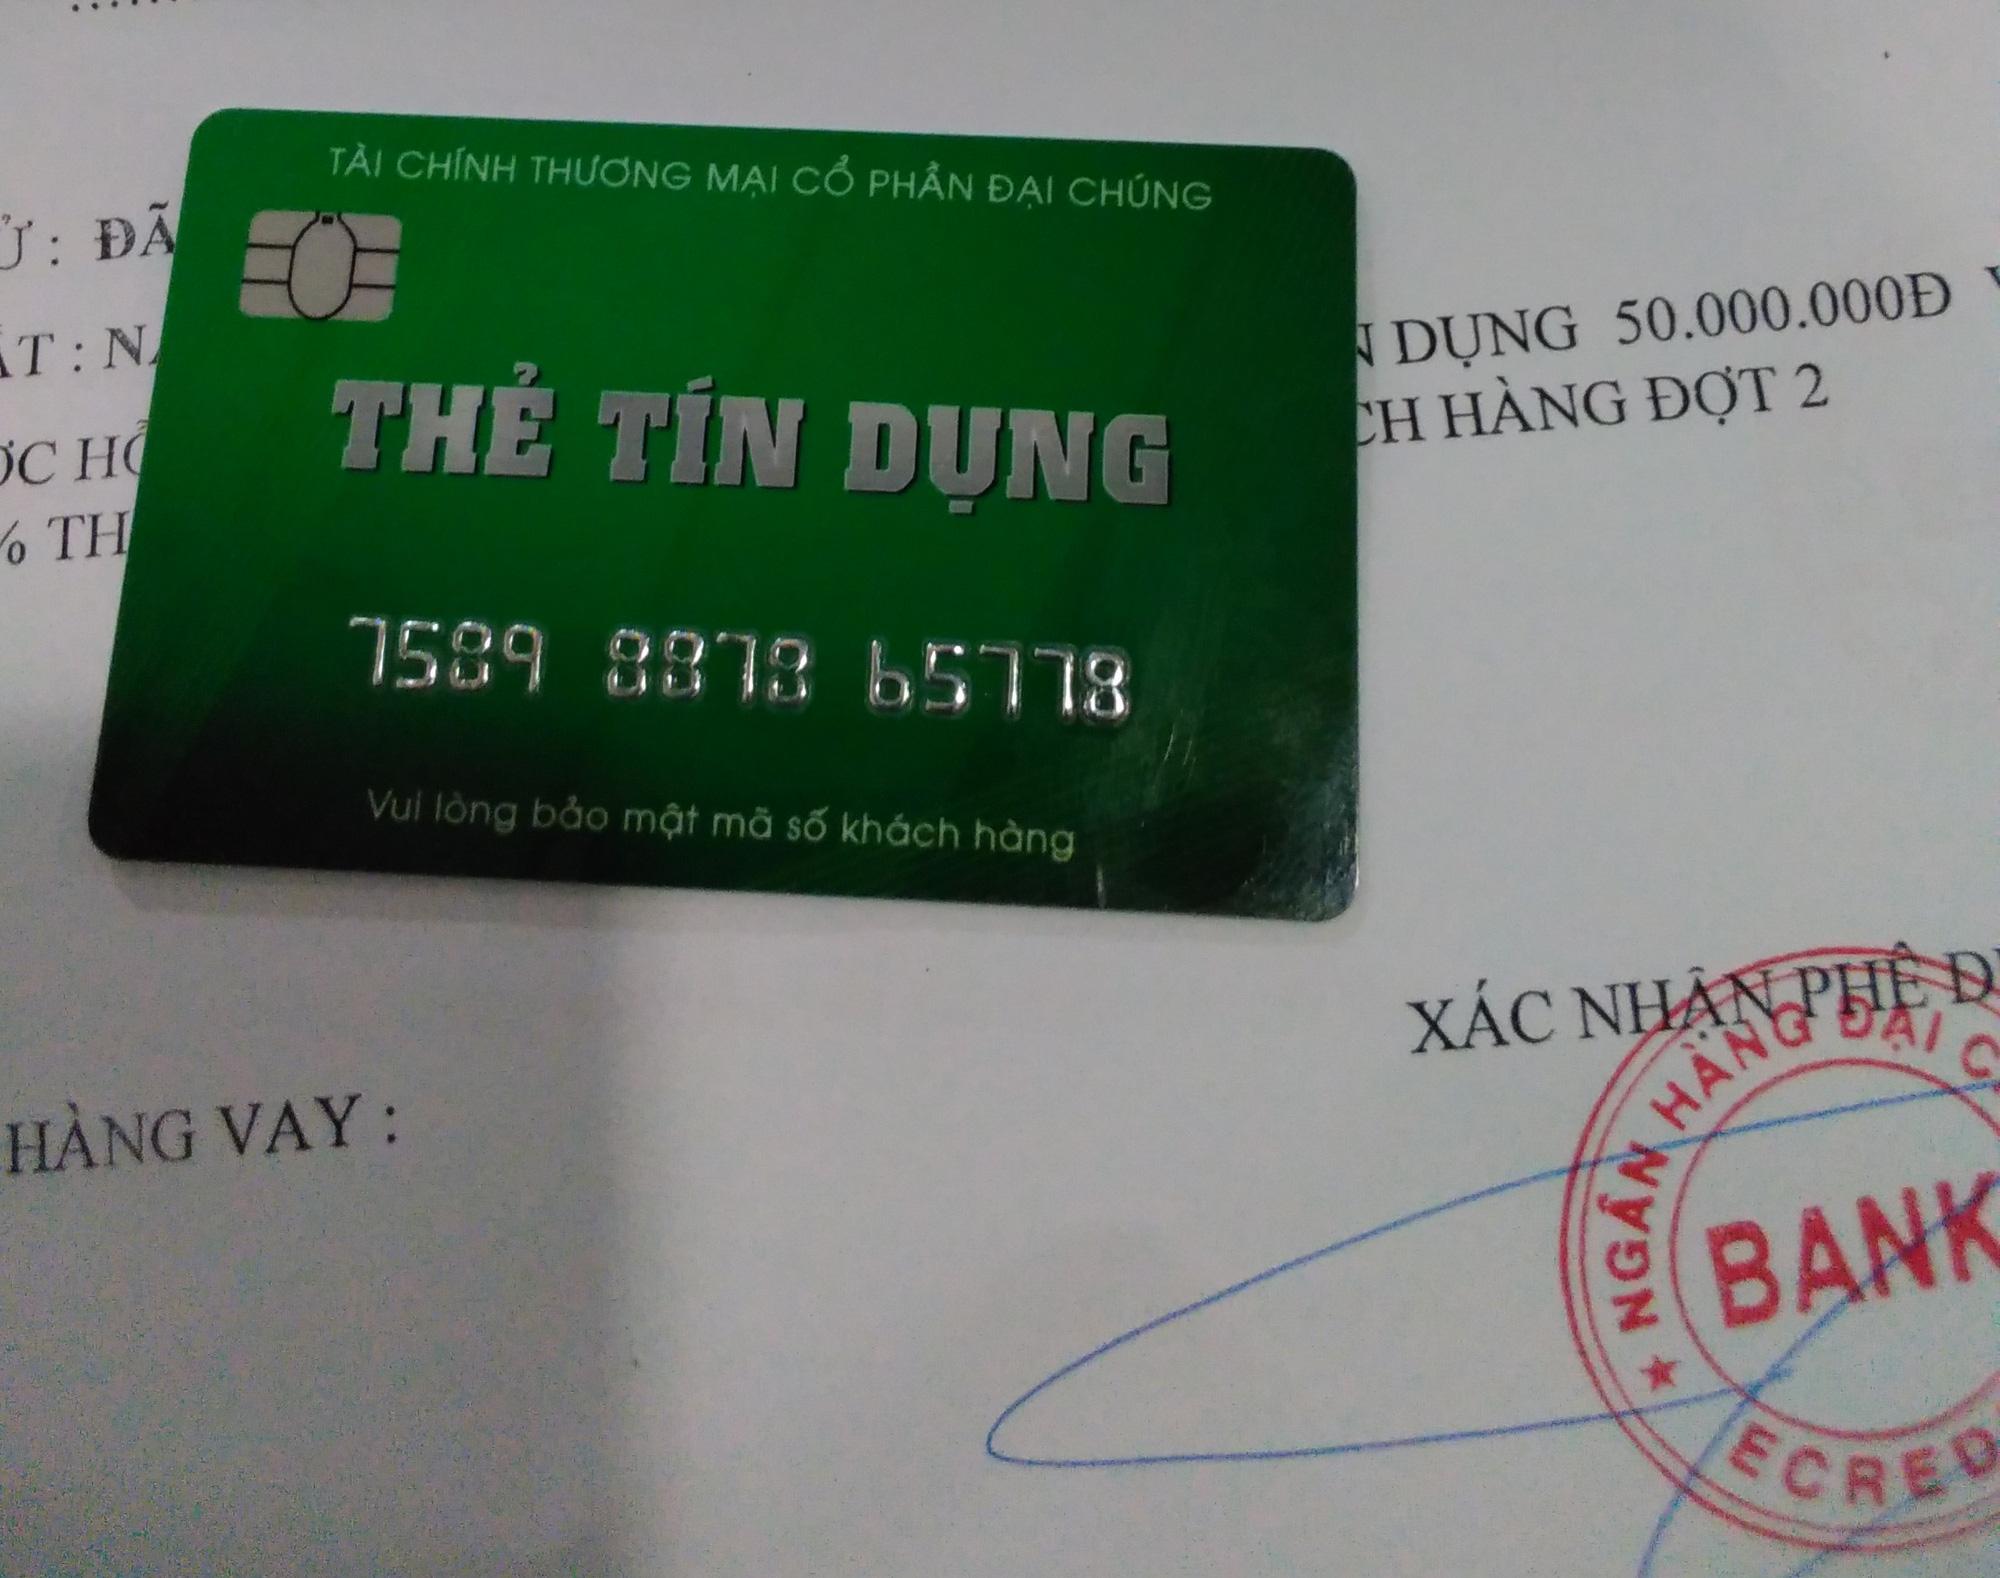 Thêm ngân hàng cảnh báo thủ đoạn lừa đảo mở thẻ tín dụng giả - Ảnh 1.